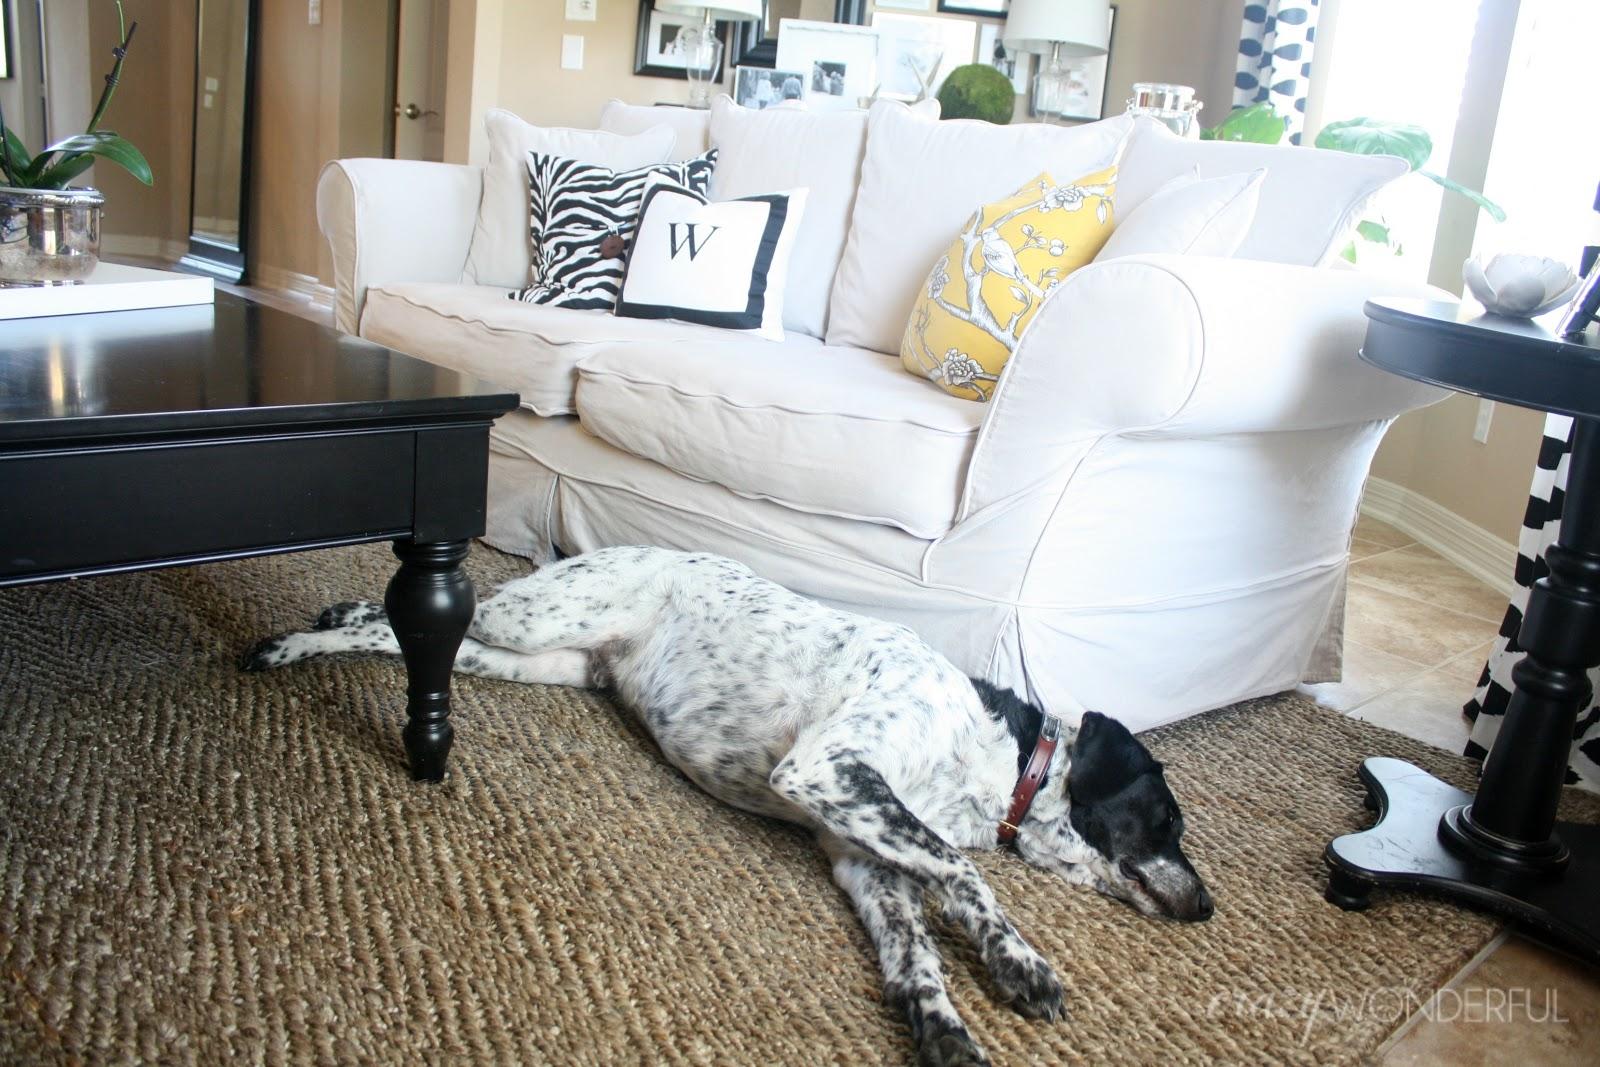 new herringbone jute rug - Crazy Wonderful